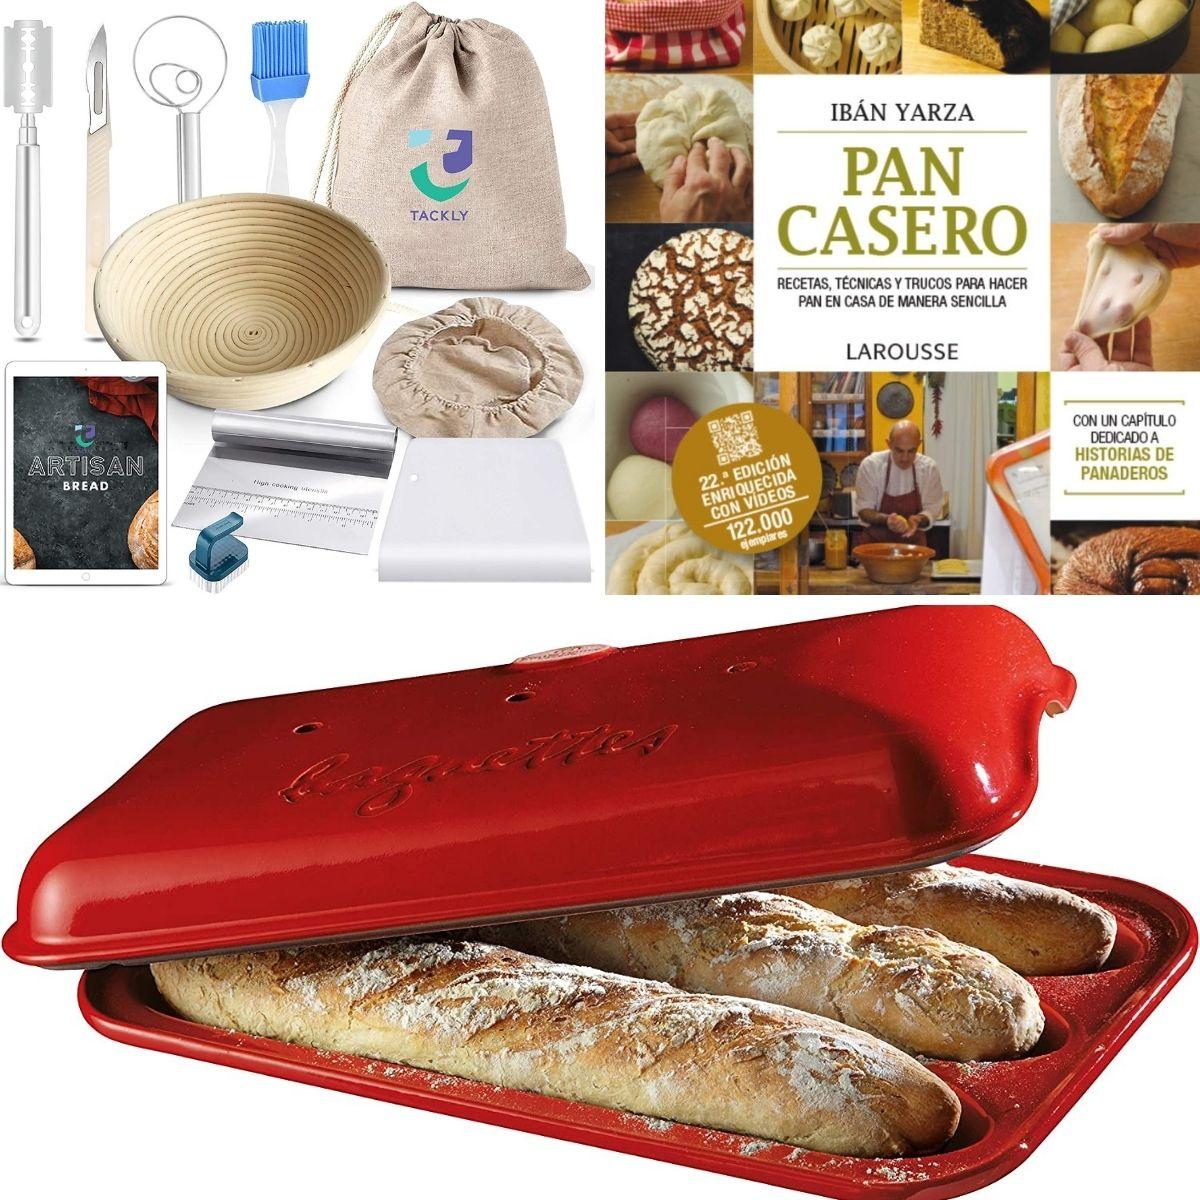 regalos para panarras aficionados a hacer pan